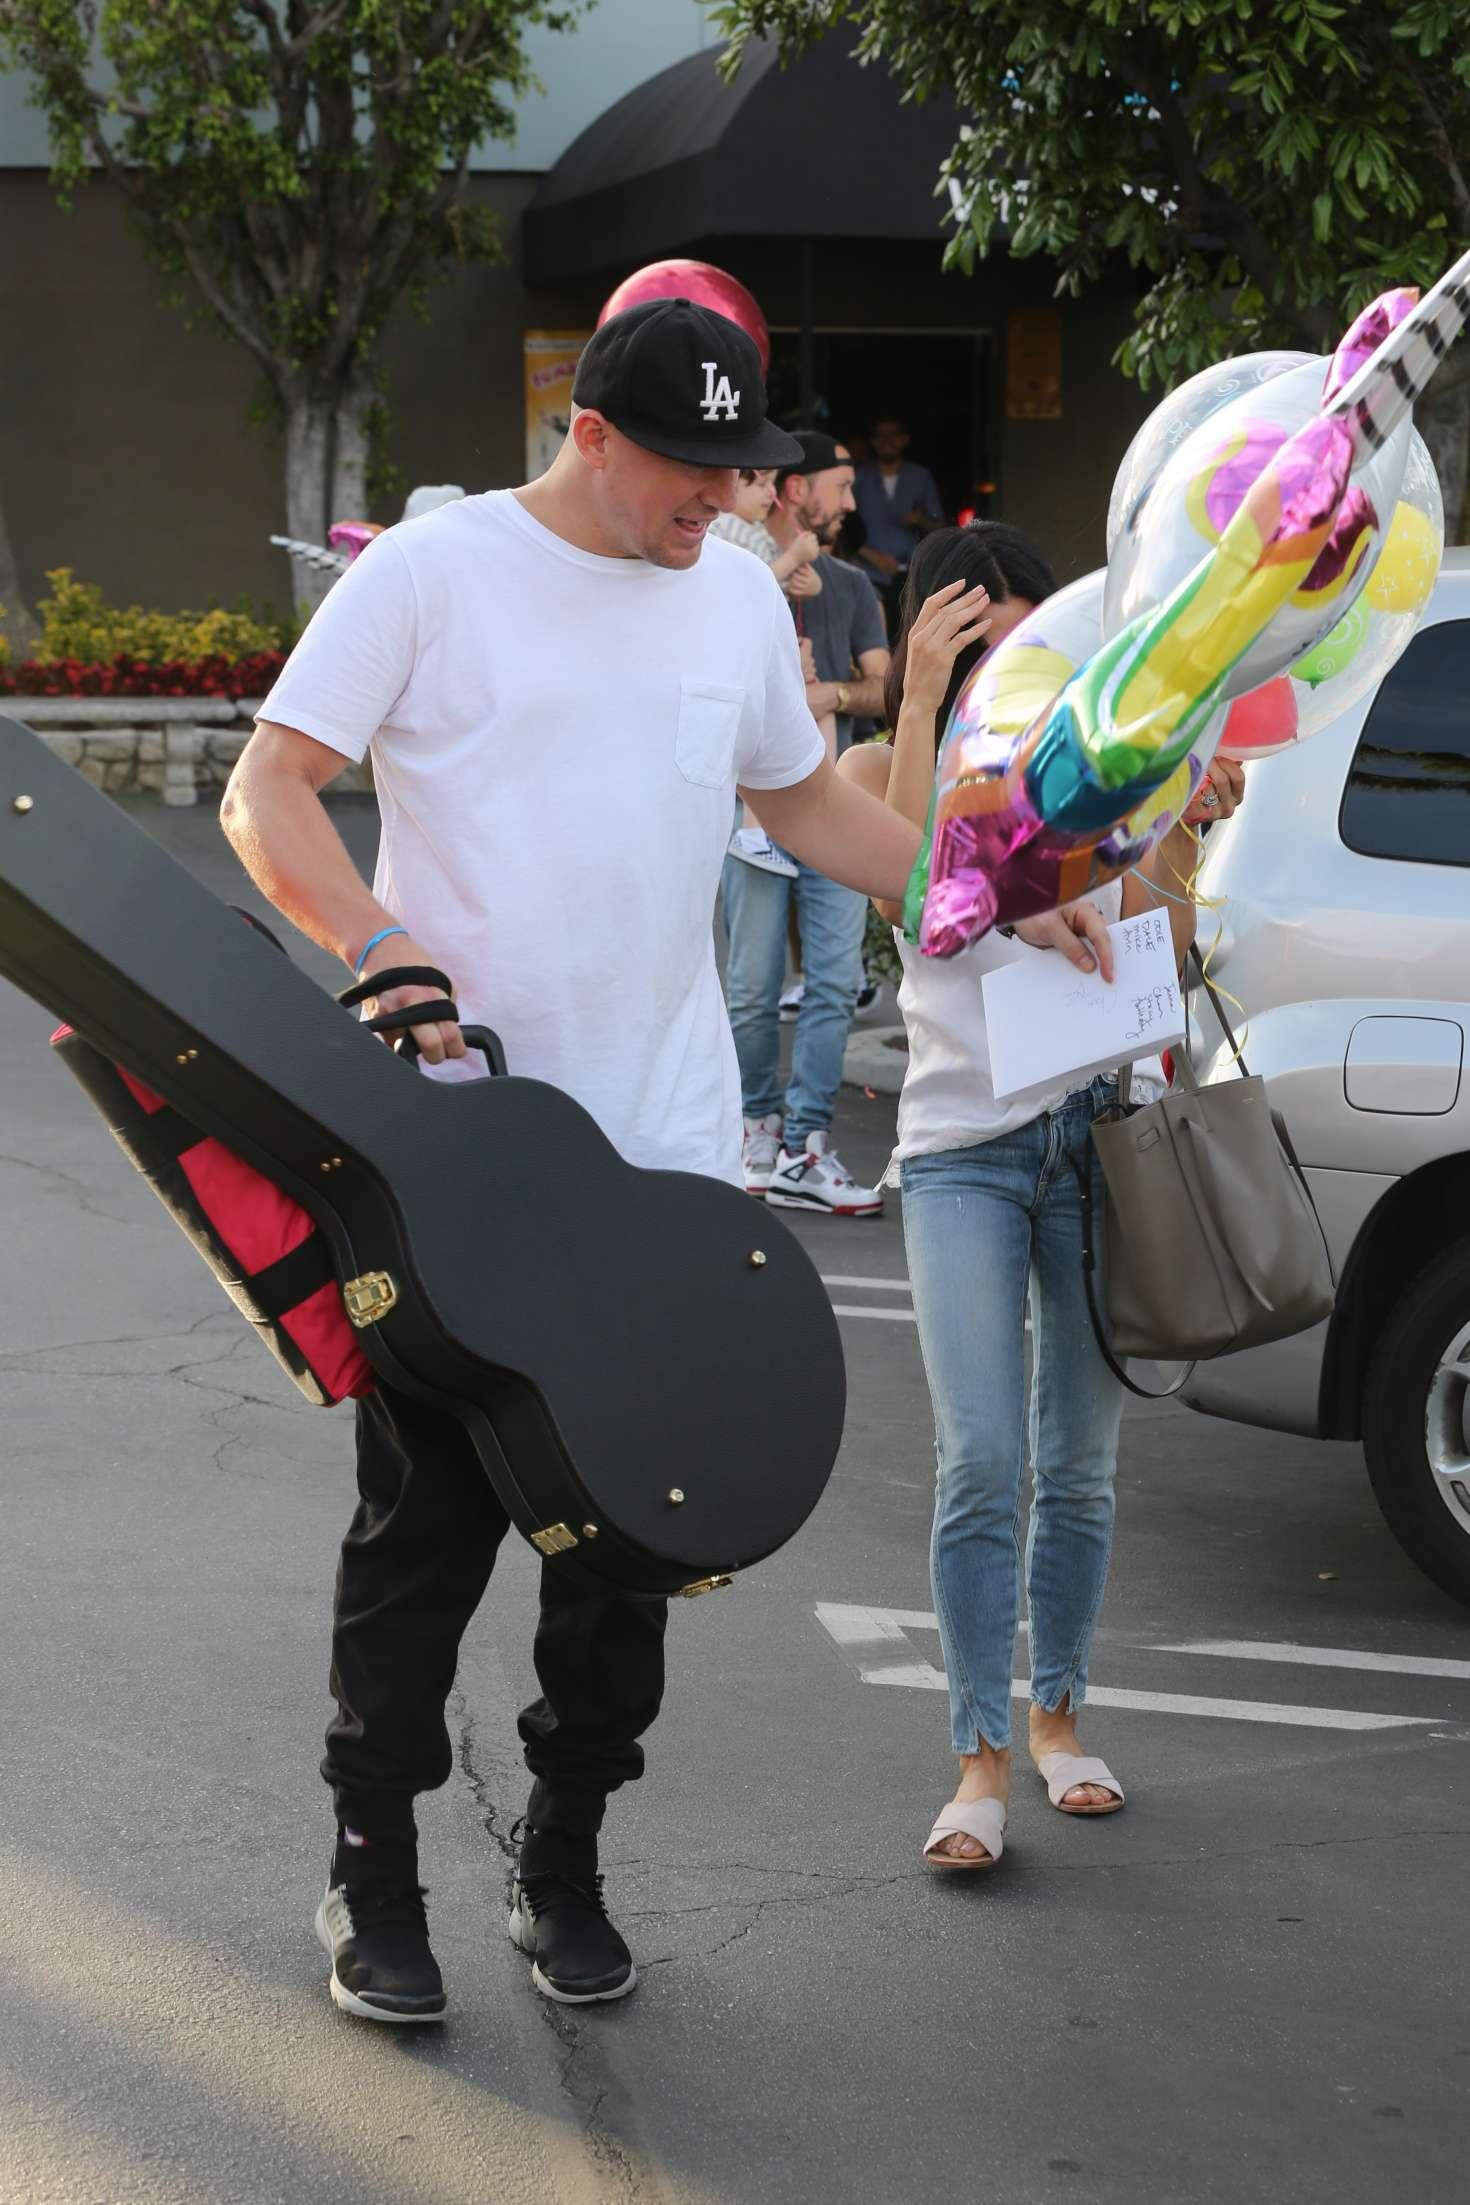 Jenna Dewan Tatum 2017 : Jenna Dewan Tatum celebrating Channings 37th birthday party at Pinz Bowling -12